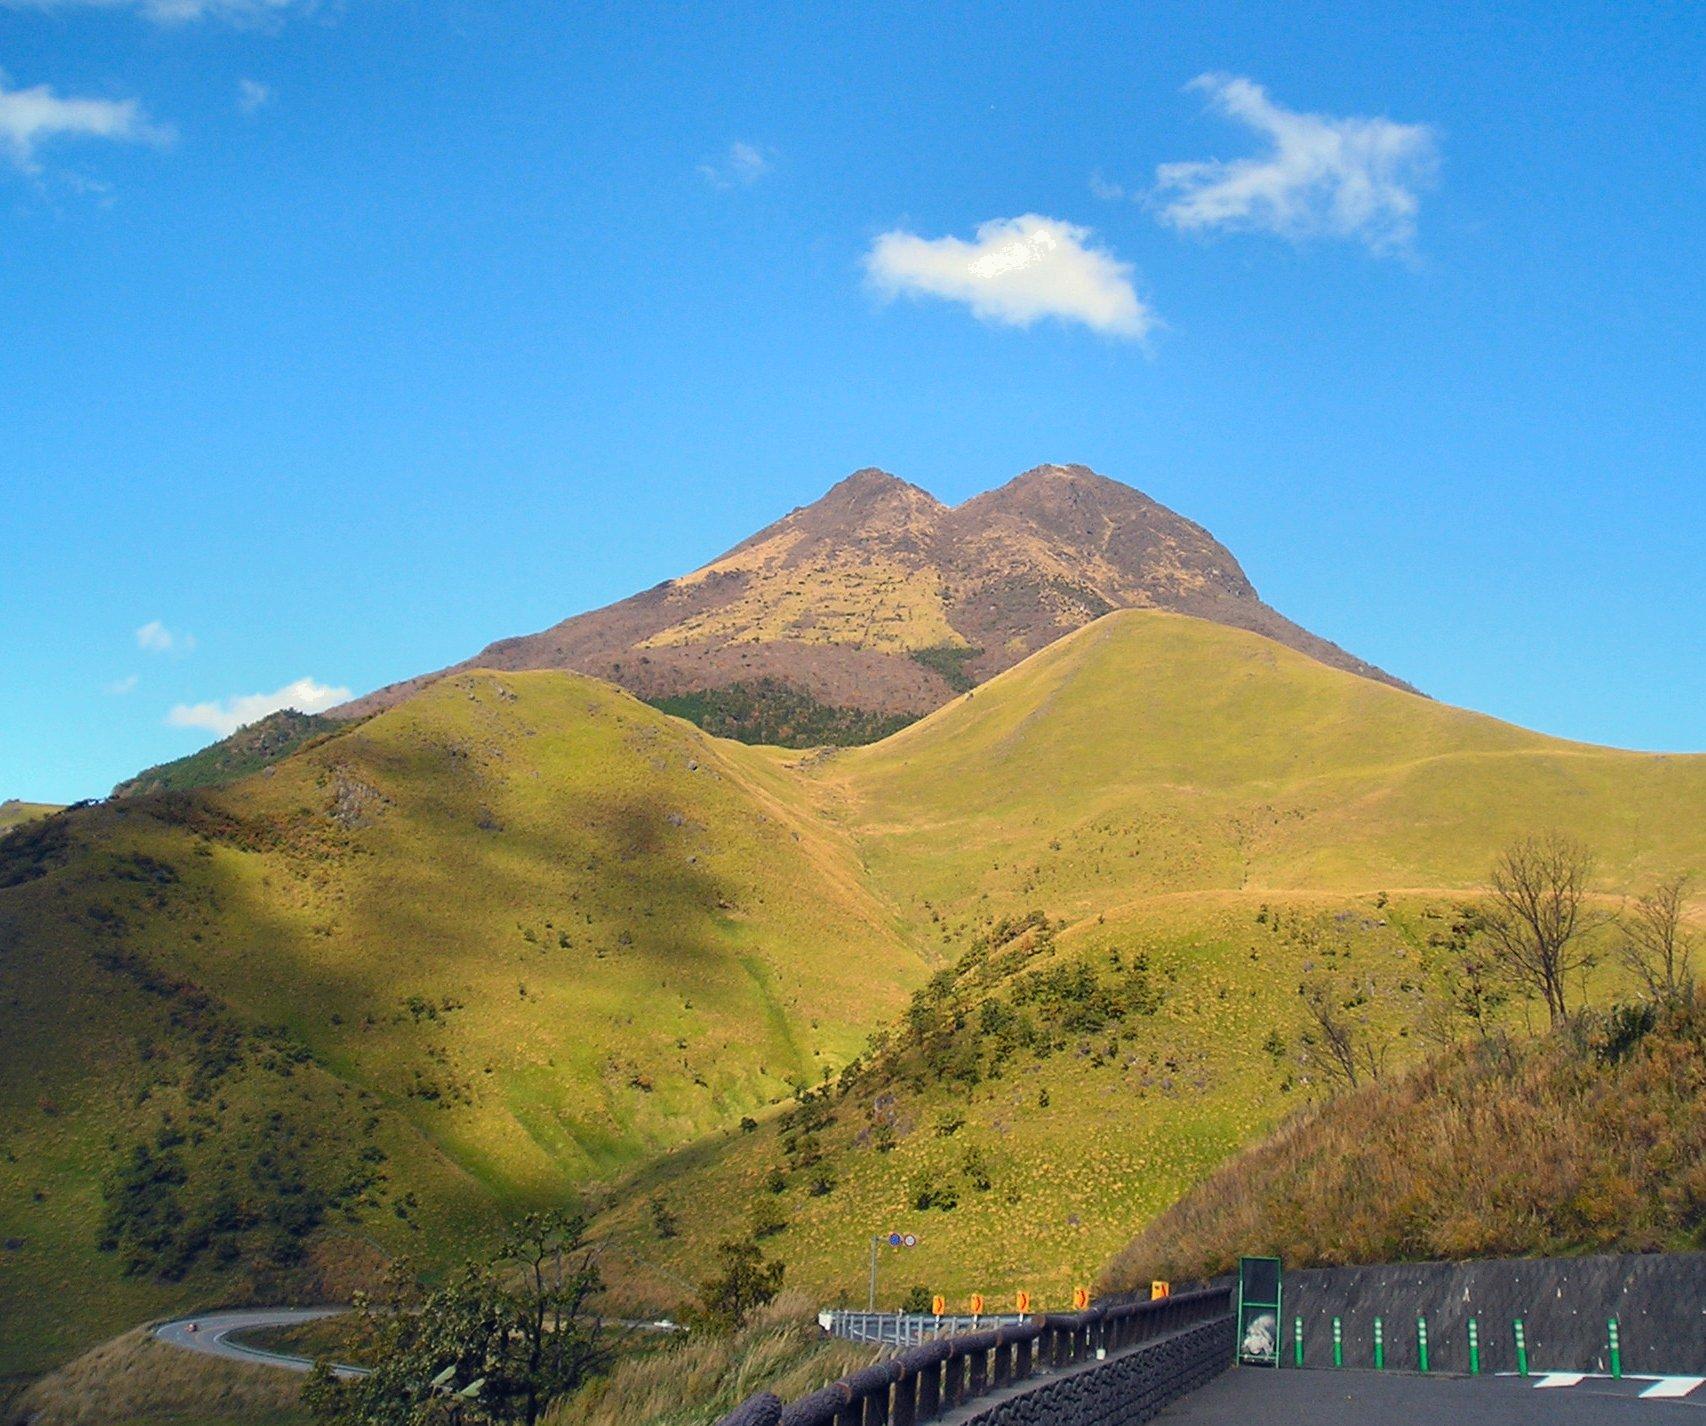 絶景が見れるオススメの温泉!日本の絶景温泉15ヶ所リスト